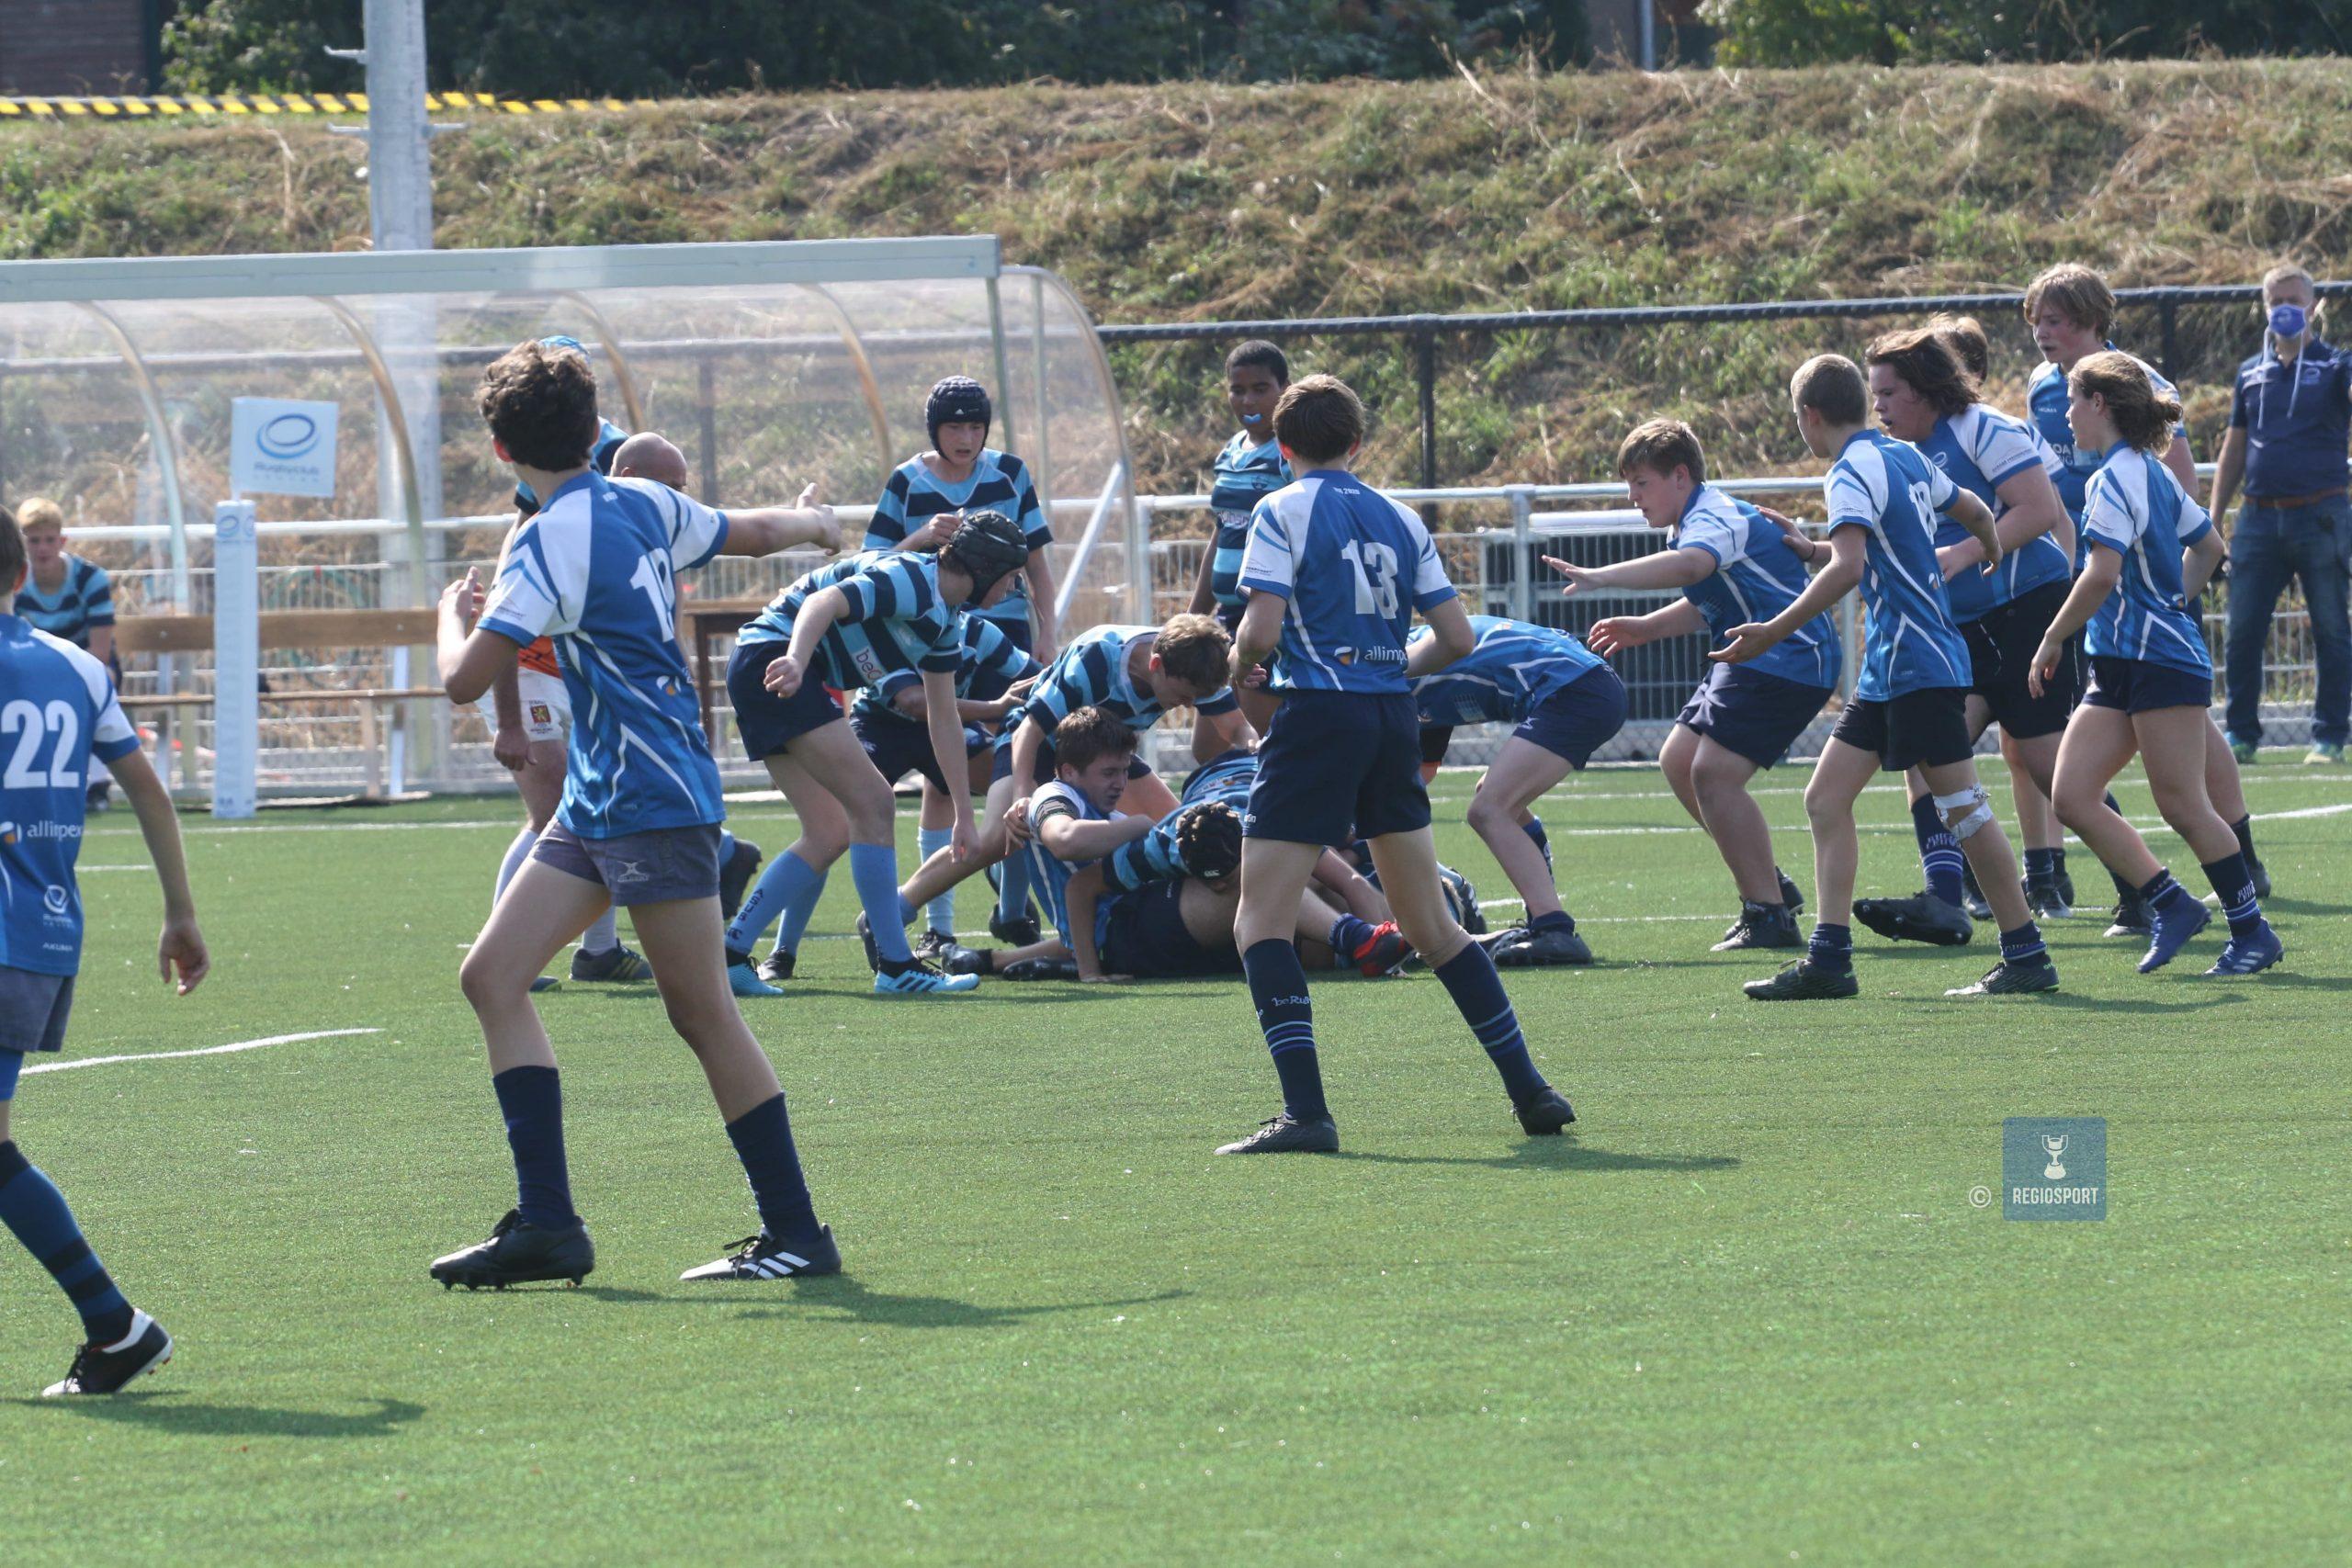 Bij de U16 van Rugby Club Leuven gebeuren de work-outs online